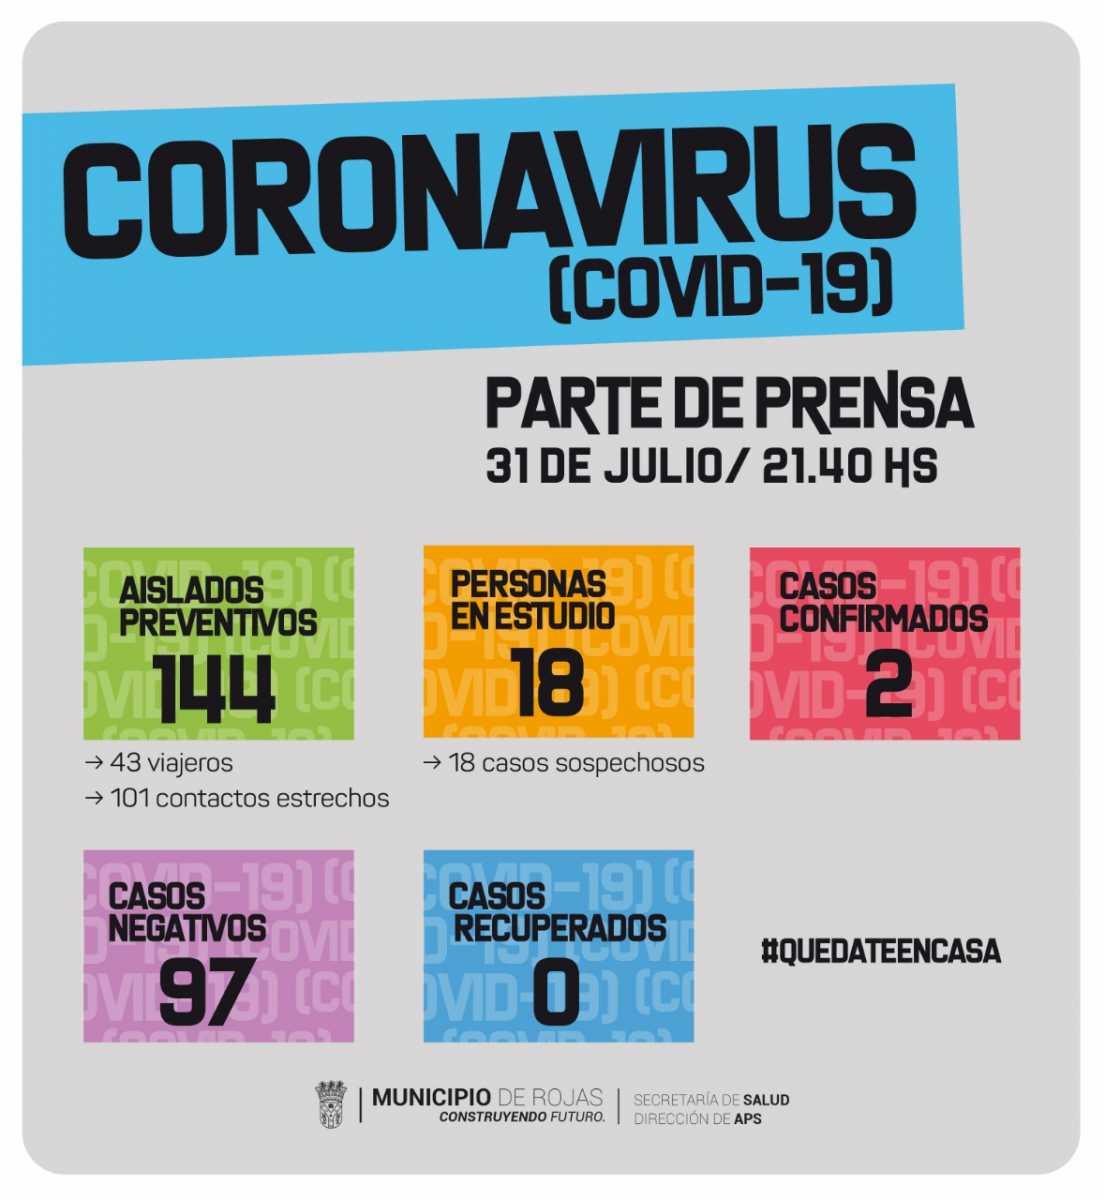 Covid 19: hay 18 personas en estudio y 144 aislados preventivos